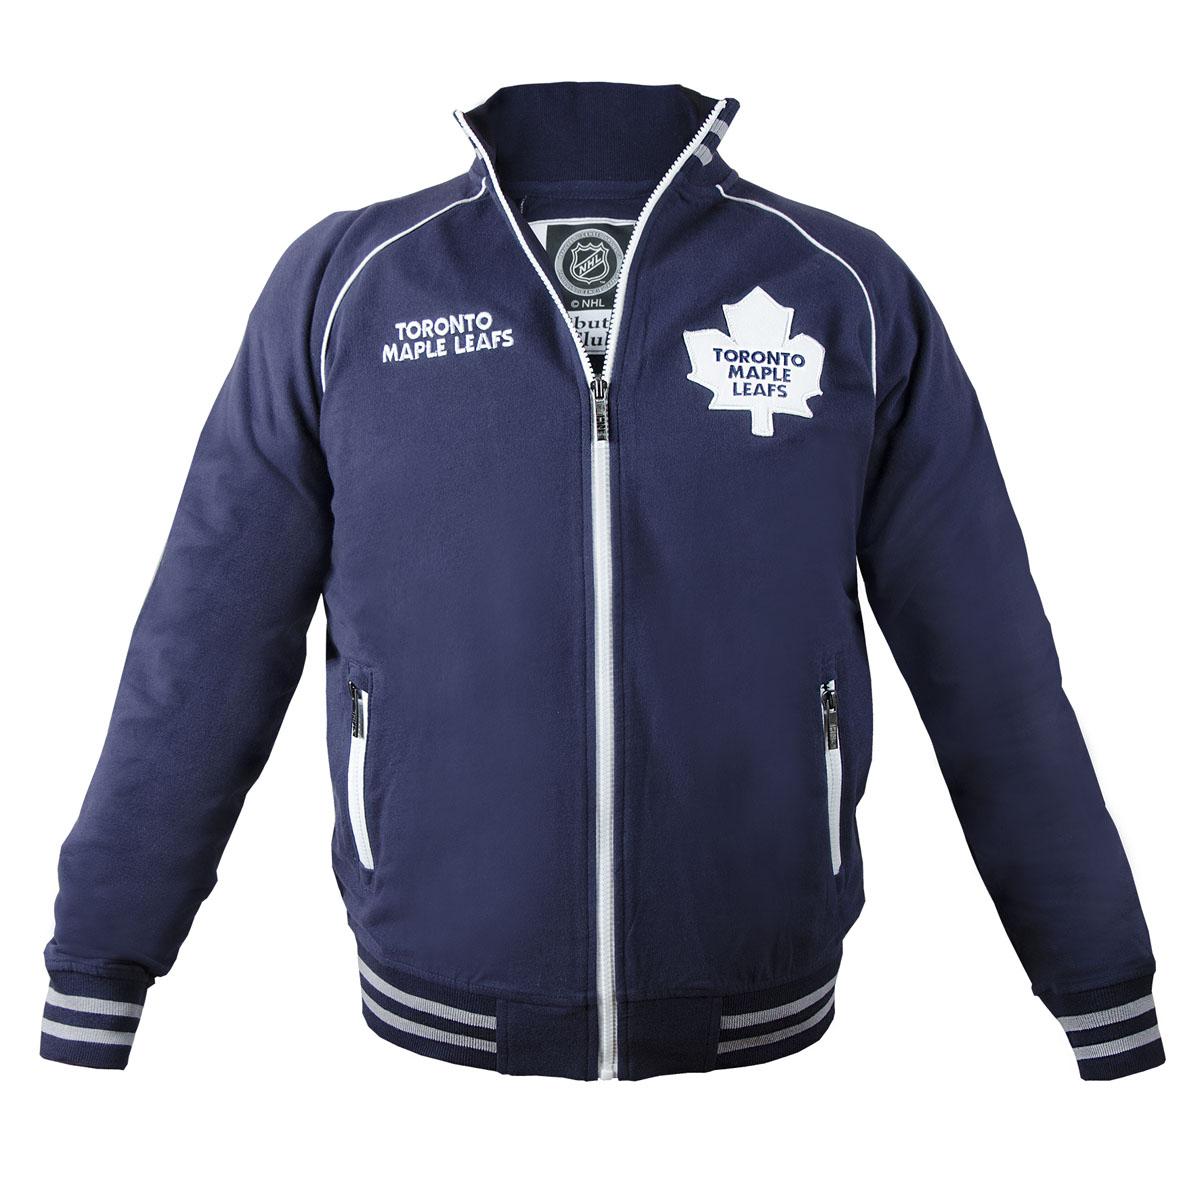 Толстовка мужская NHL Toronto Maple Leafs, цвет: темно-синий. 35580. Размер XS (44)35580Мужская толстовка NHL Toronto Maple Leafs, изготовленная из натурального хлопка, очень мягкая и приятная наощупь, не сковывает движения, обеспечивая наибольший комфорт.Толстовка с небольшим воротником-стойкой и длинными рукавами-реглан застегивается на молнию по всей длине. Снизумодели предусмотрена широкая мягкая резинка, которая предотвращает проникновение холодного воздуха.Рукава дополнены эластичными манжетами. Спереди расположены два прорезных кармана на застежках-молниях. Изделие декорировано вышивкой с названием хоккейного клуба Toronto Maple Leafs и аппликацией с его эмблемой. Резинка, воротник и манжеты оформлены контрастными полосками.Стильная толстовка подарит вам комфорт и станет отличным дополнением к вашему гардеробу.